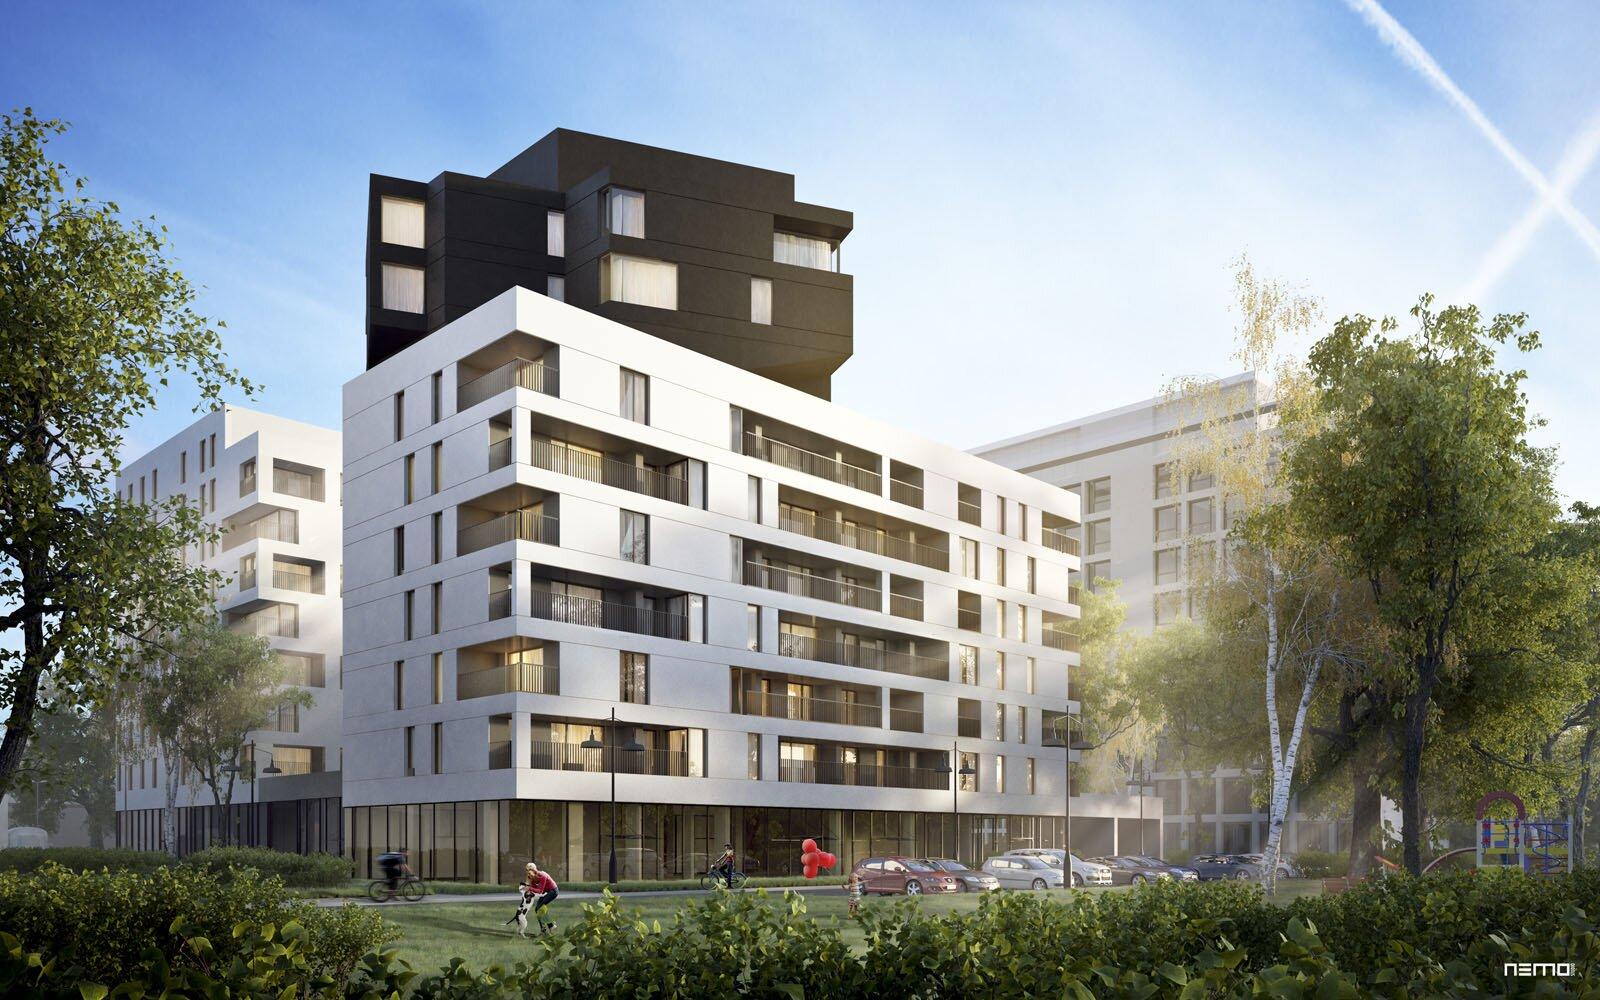 Klimatyczna wizualizacja 3d budynku mieszkalnego WARS w Soho Factory w Warszawie.